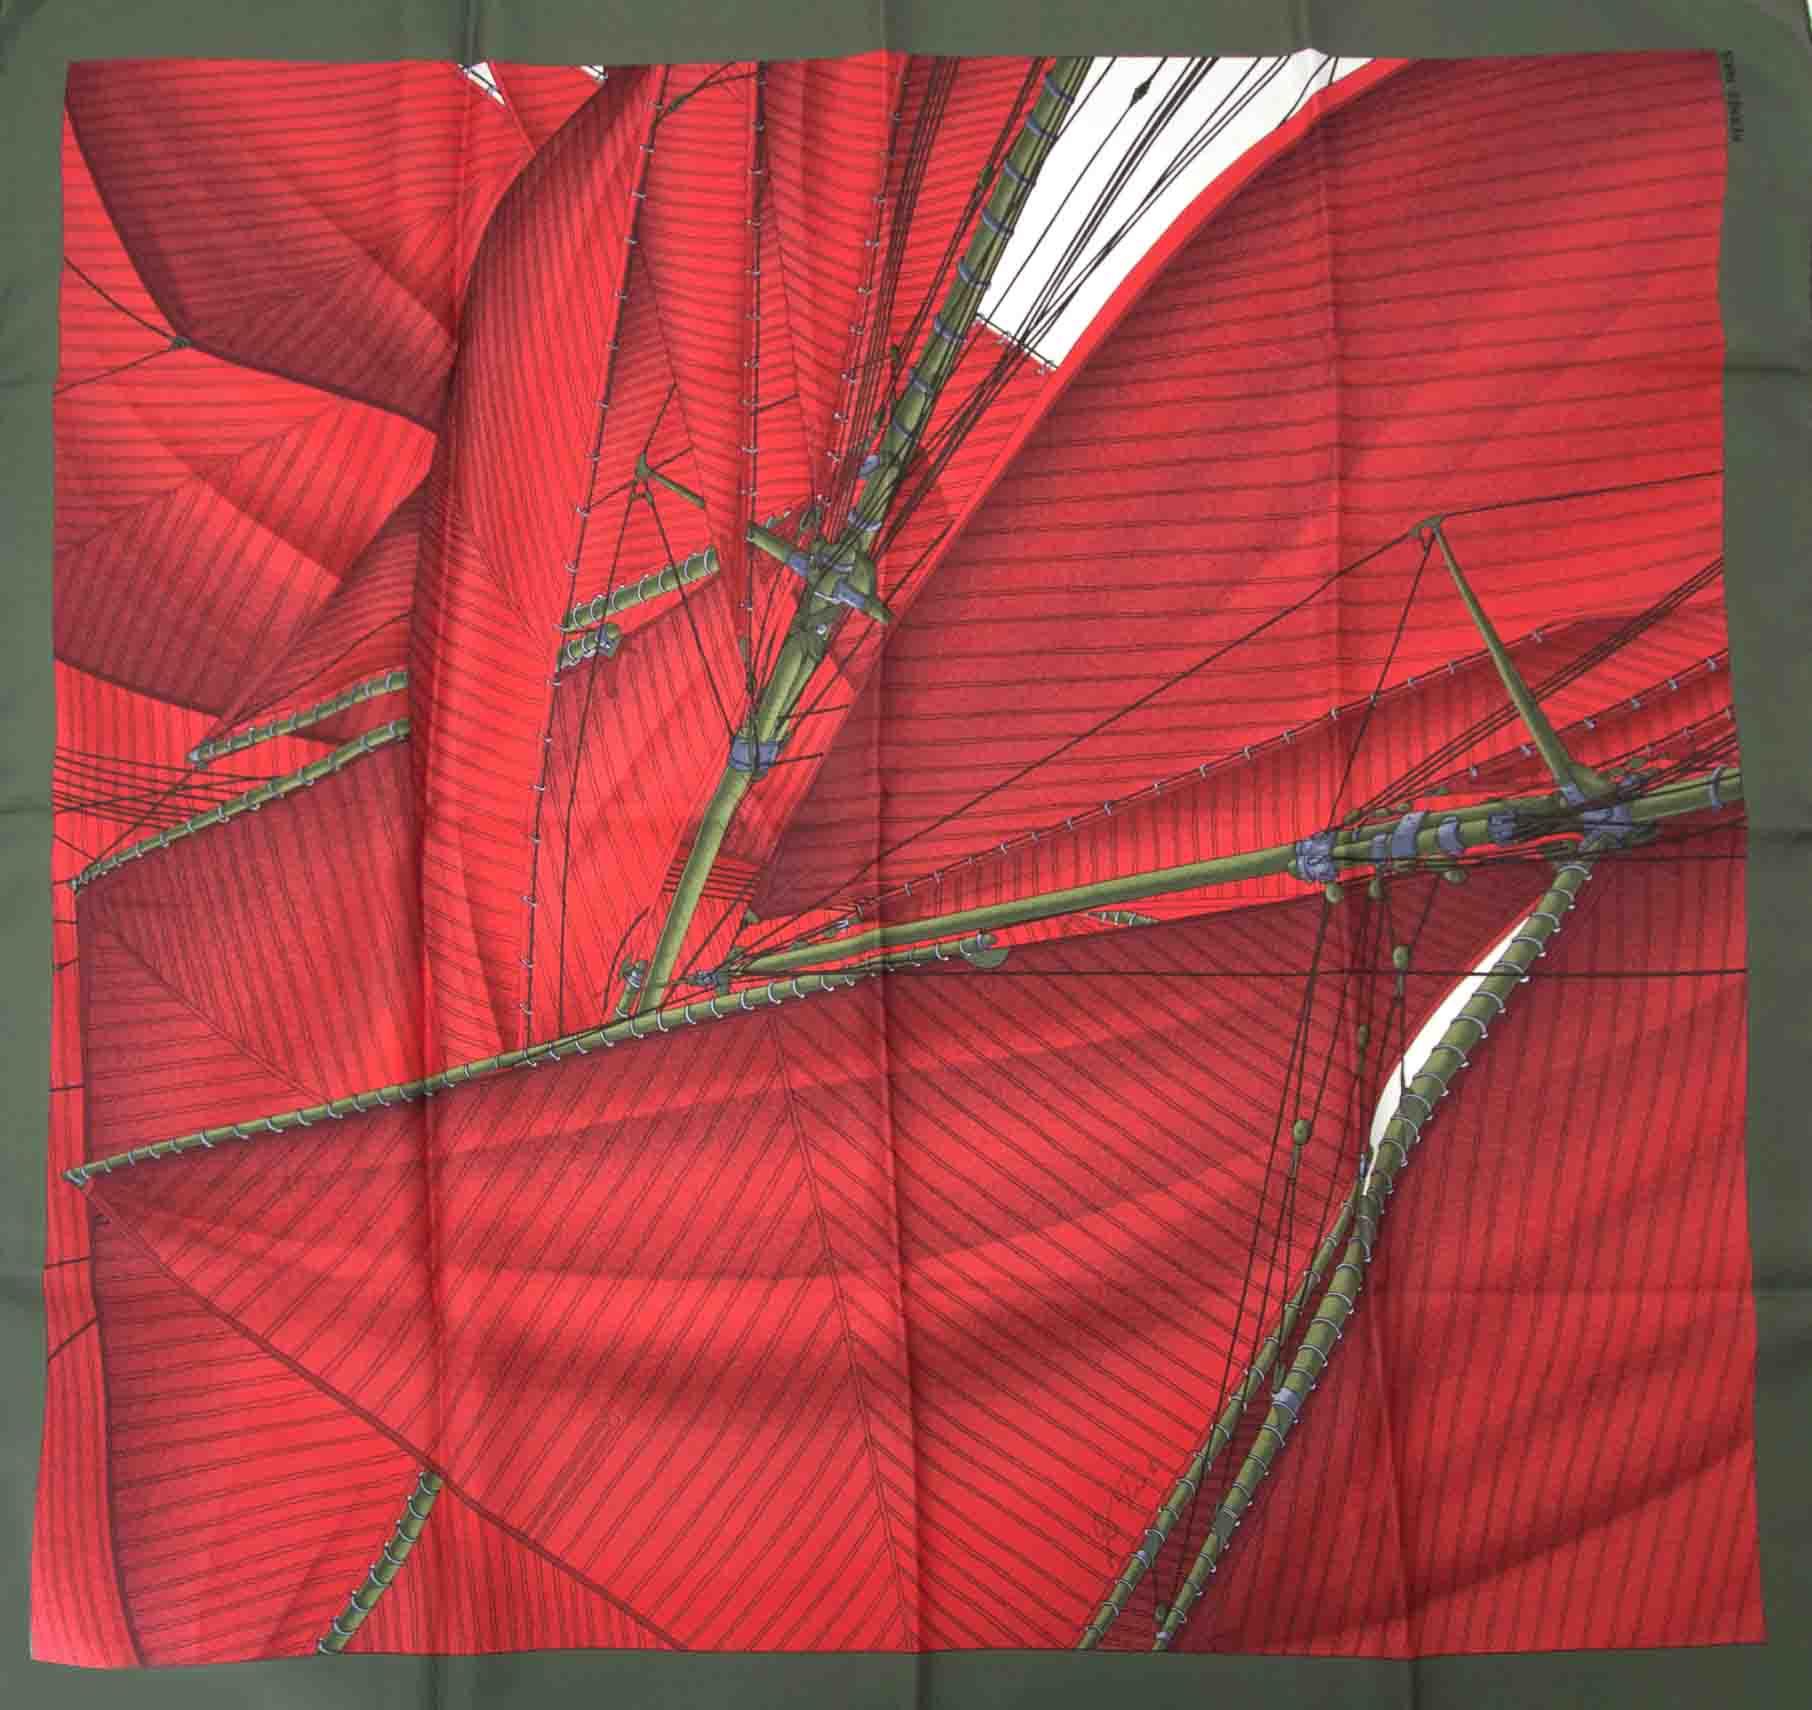 Koop een authentieke tweedehands Hermès Carré Vent Portant II scarf aan de juiste prijs